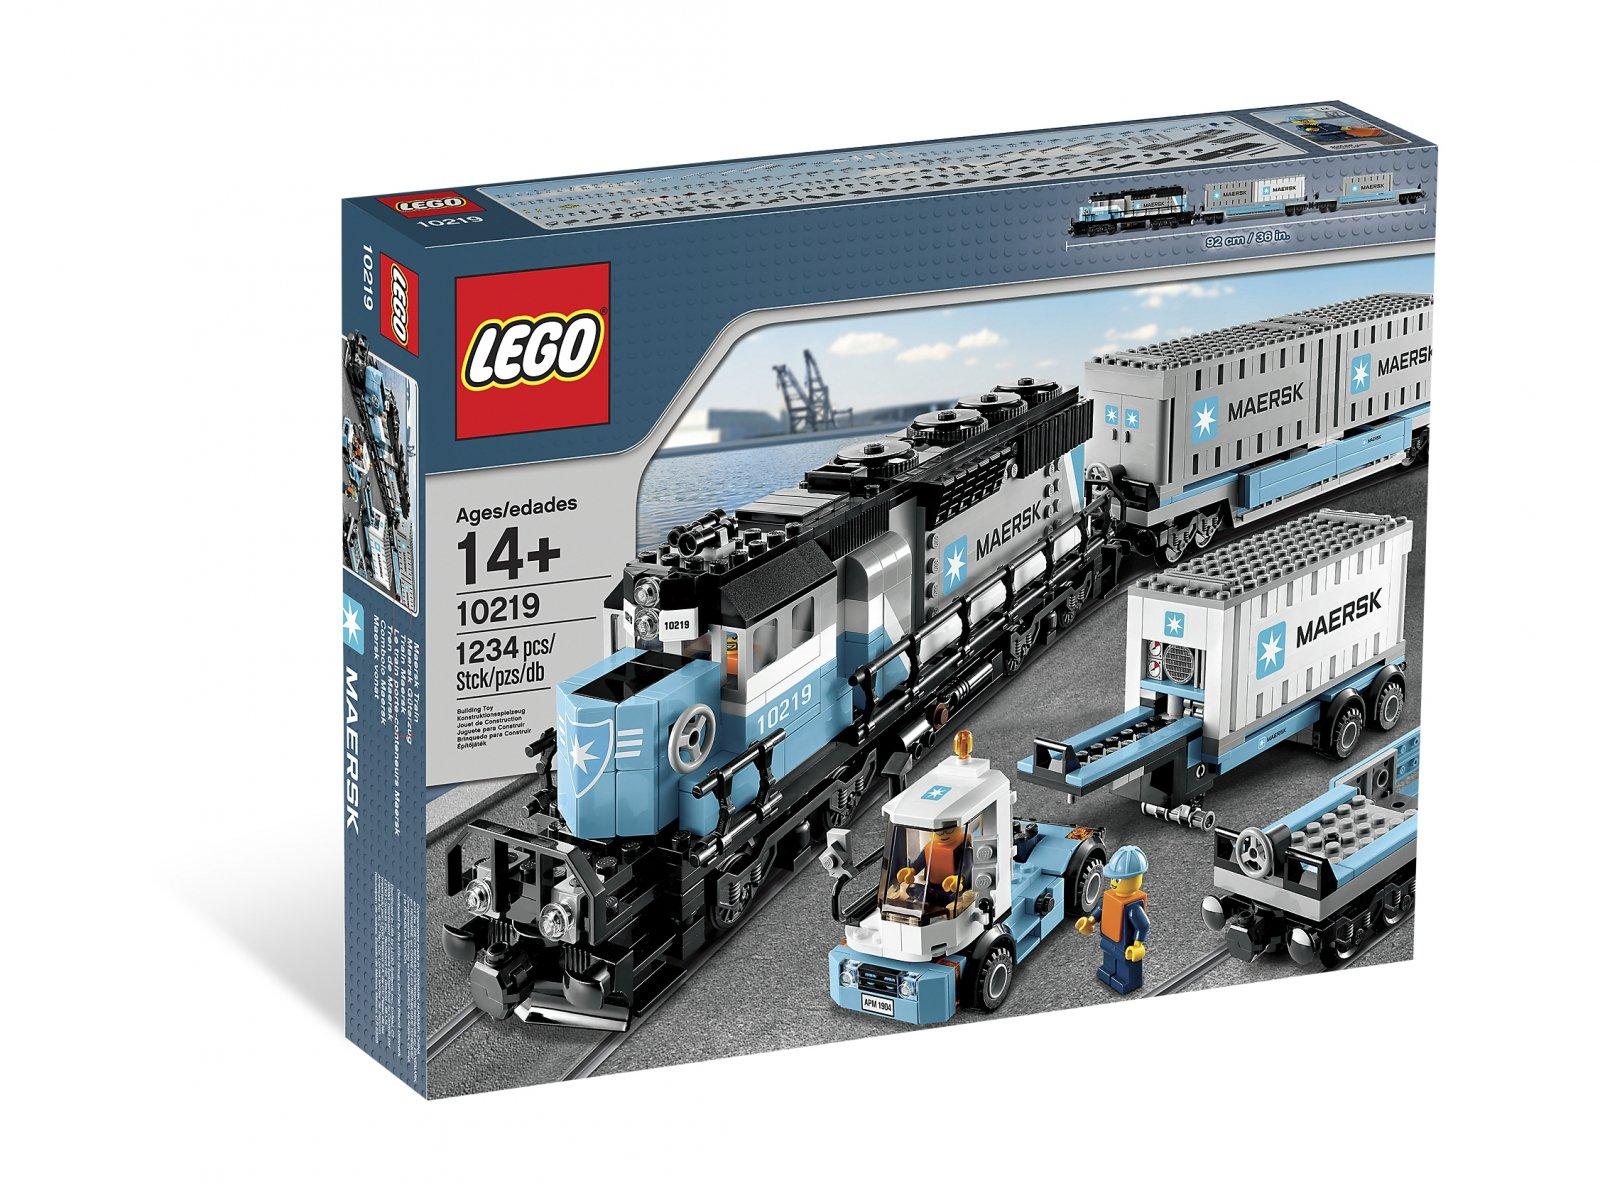 LEGO 10219 Creator Expert Pociąg Maersk